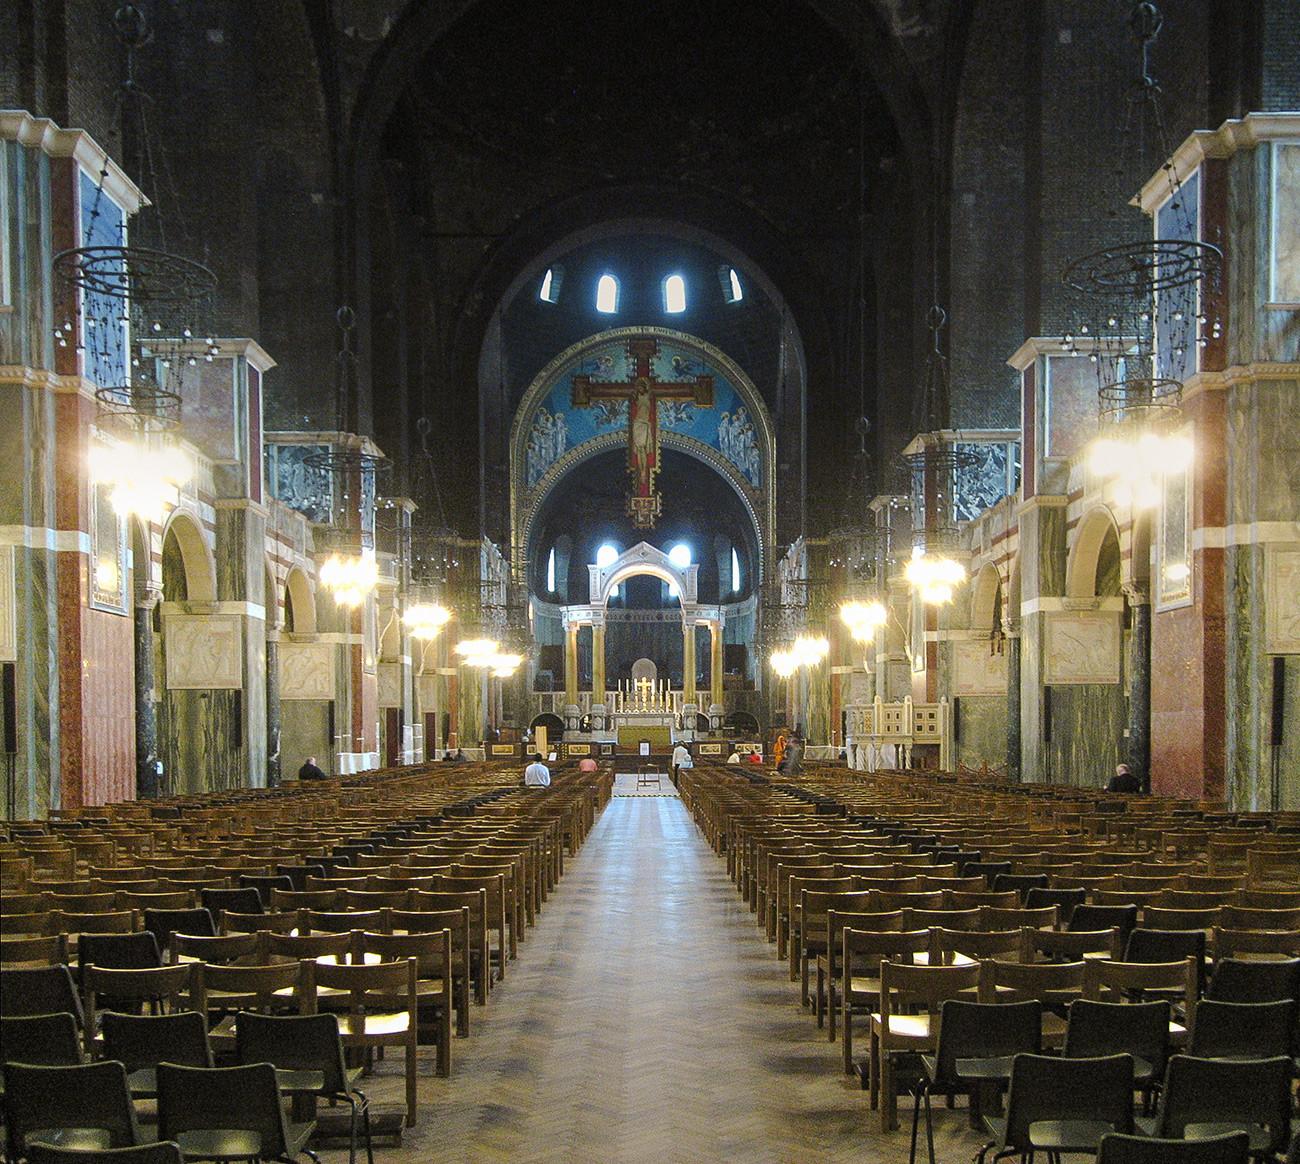 La escena fue filmada en la catedral católica de Westminster en Londres (no confundir con la abadía de Westminster)